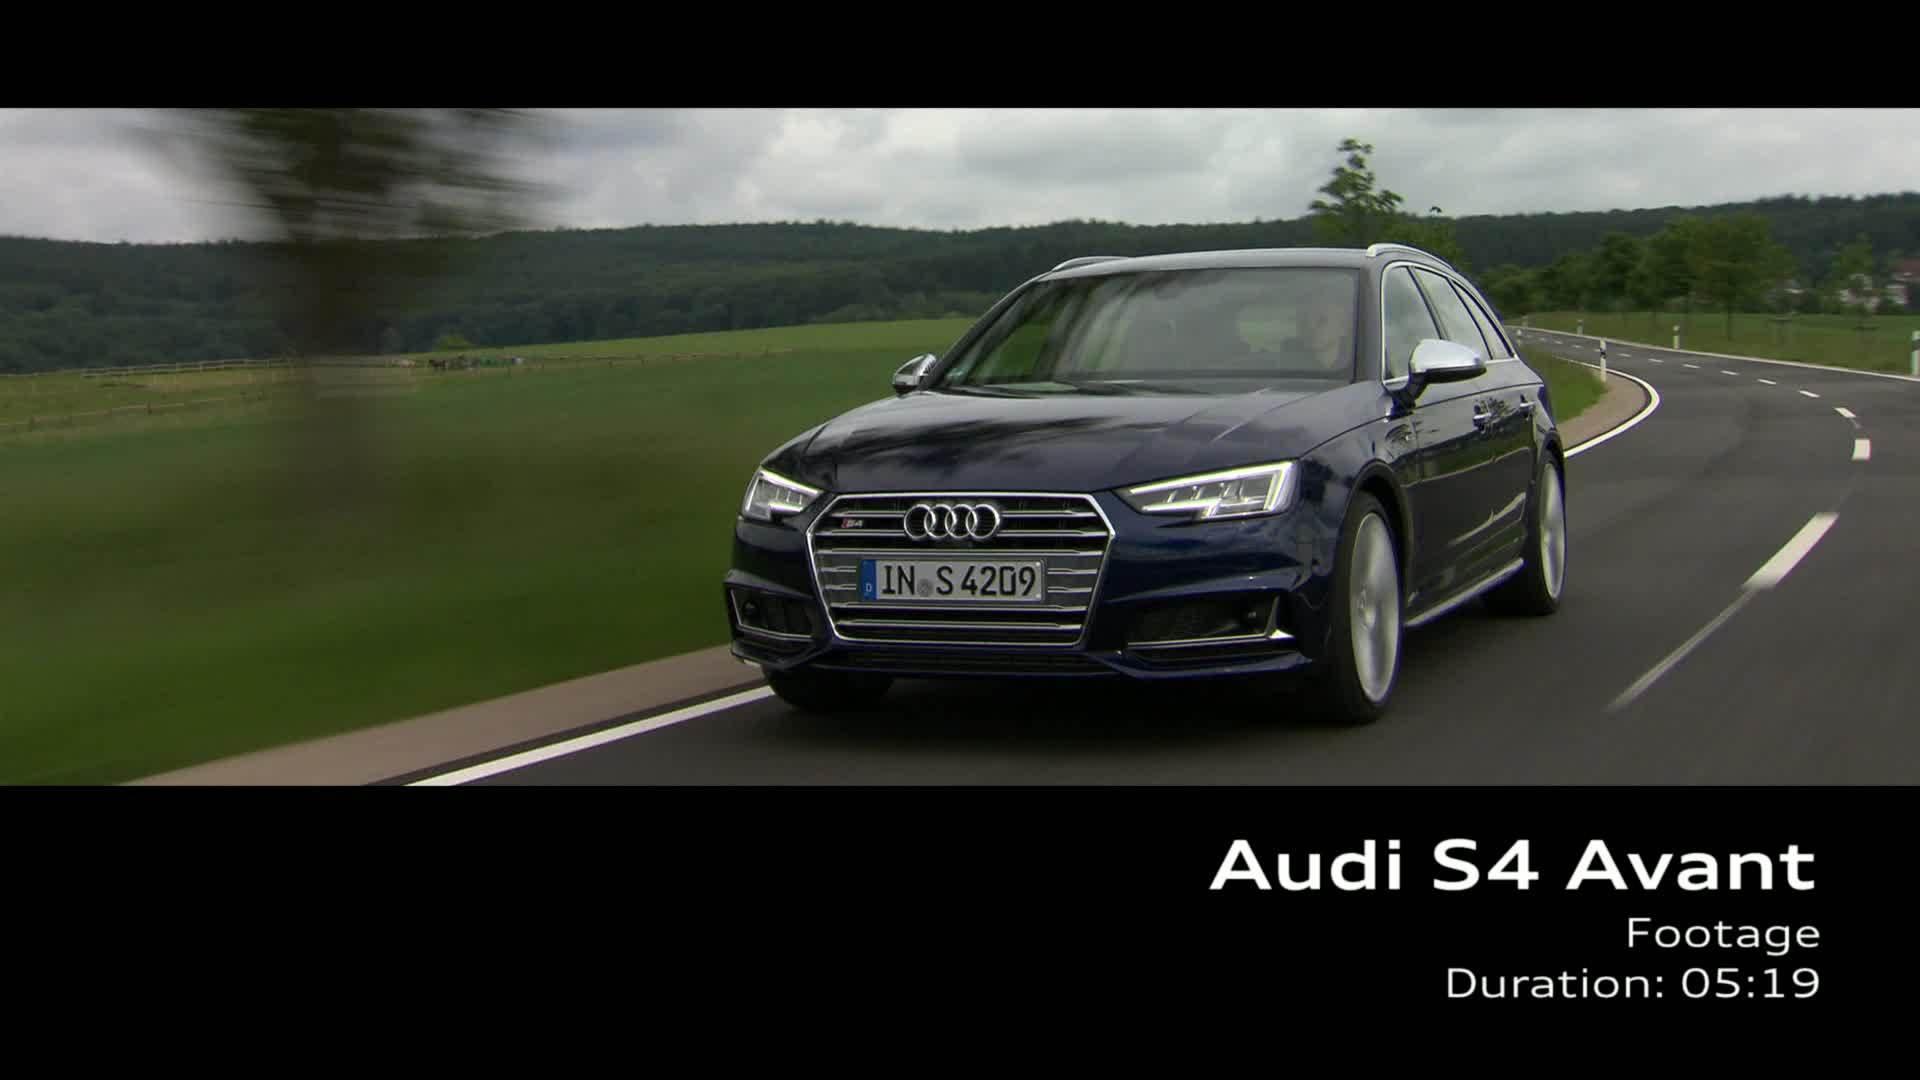 Audi S4 Avant (2016) – Footage on Location